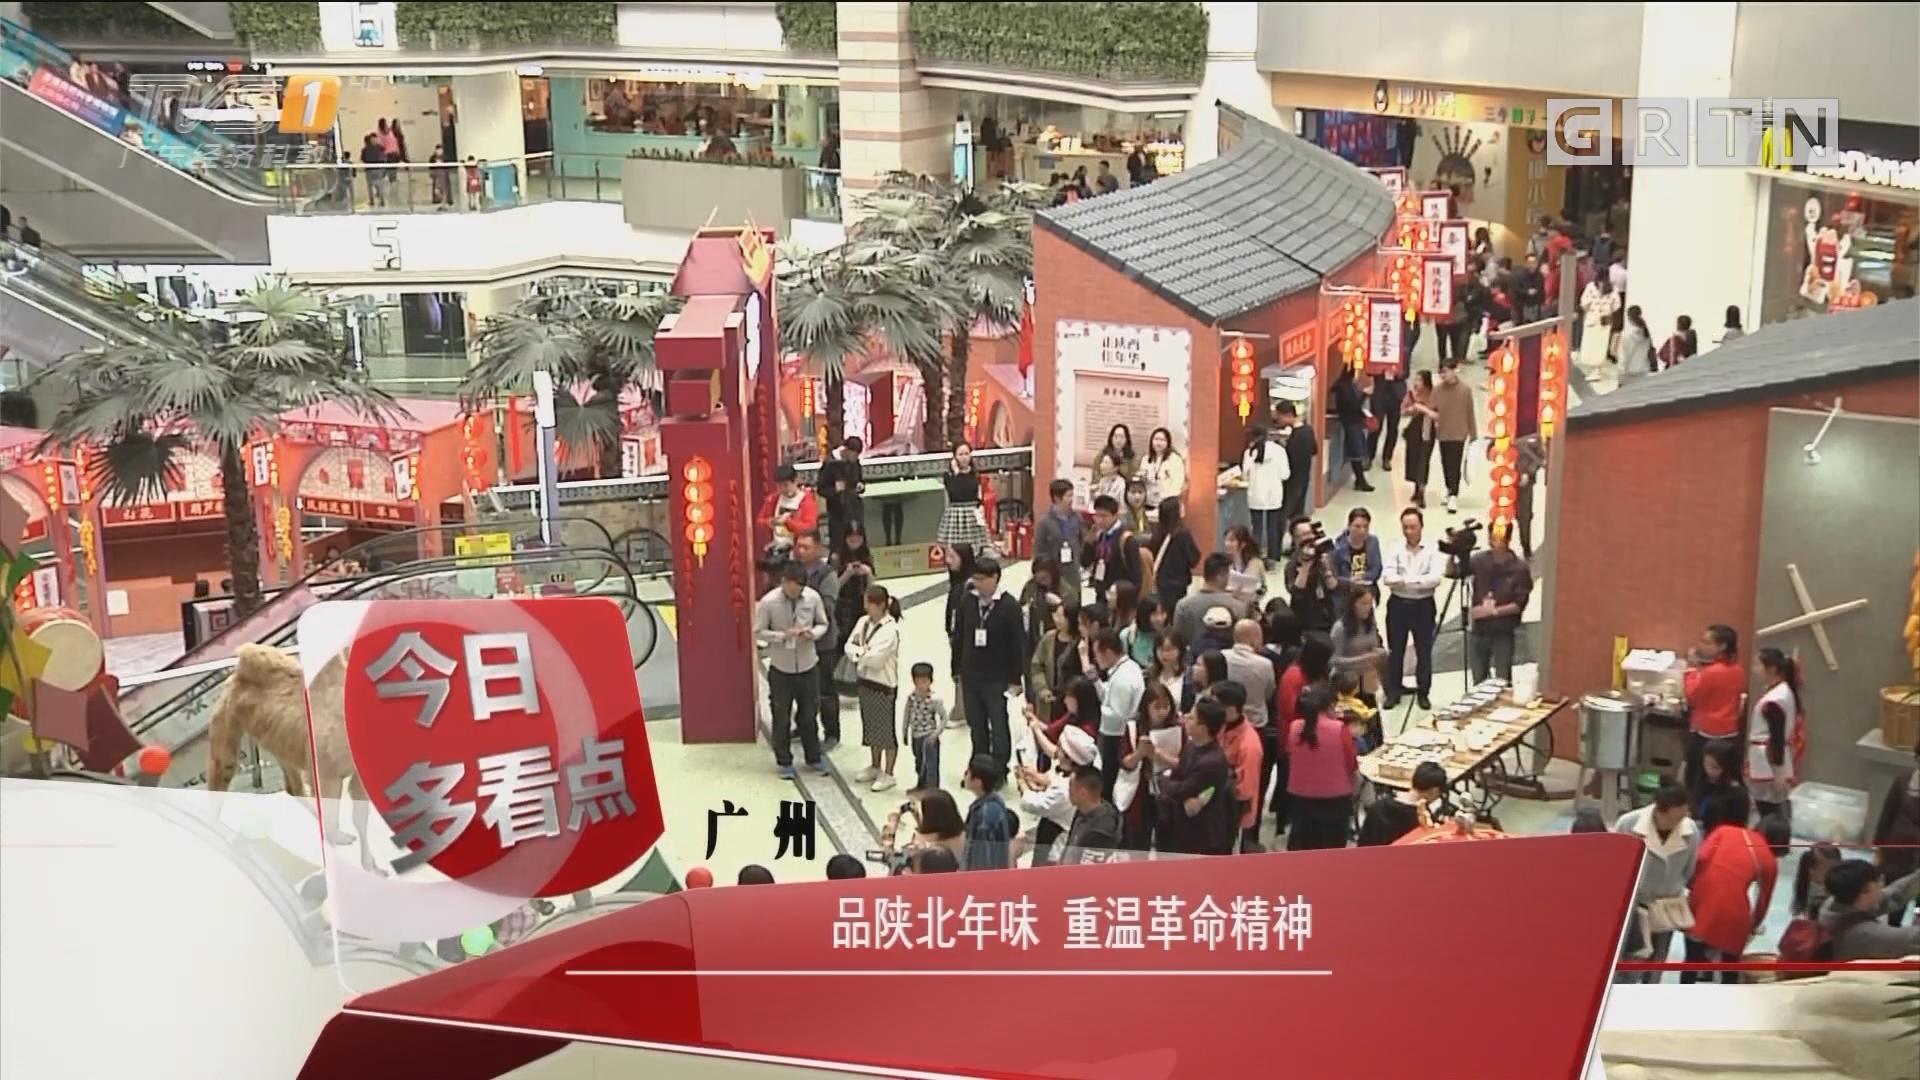 广州:品陕北年味 重温革命精神